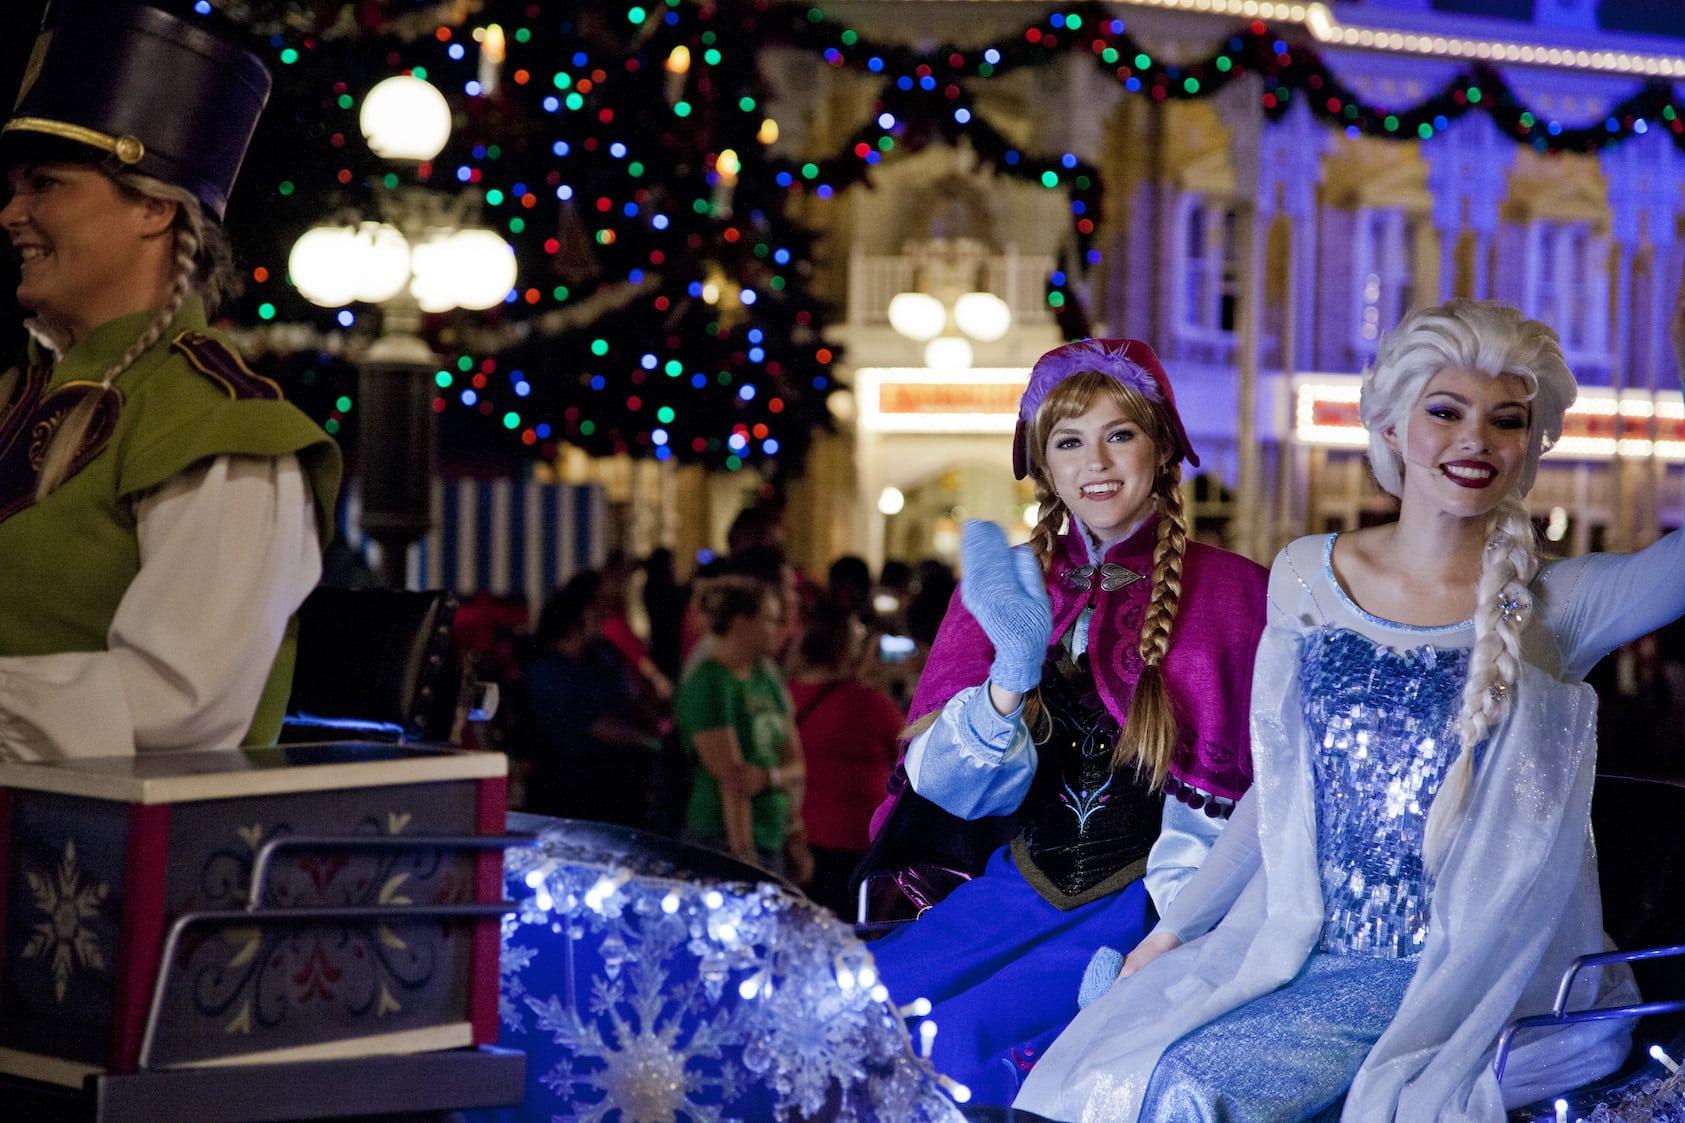 Anna Elsa Frozen Parade Mickey's Very Merry Christmas Party Magic Kingdom